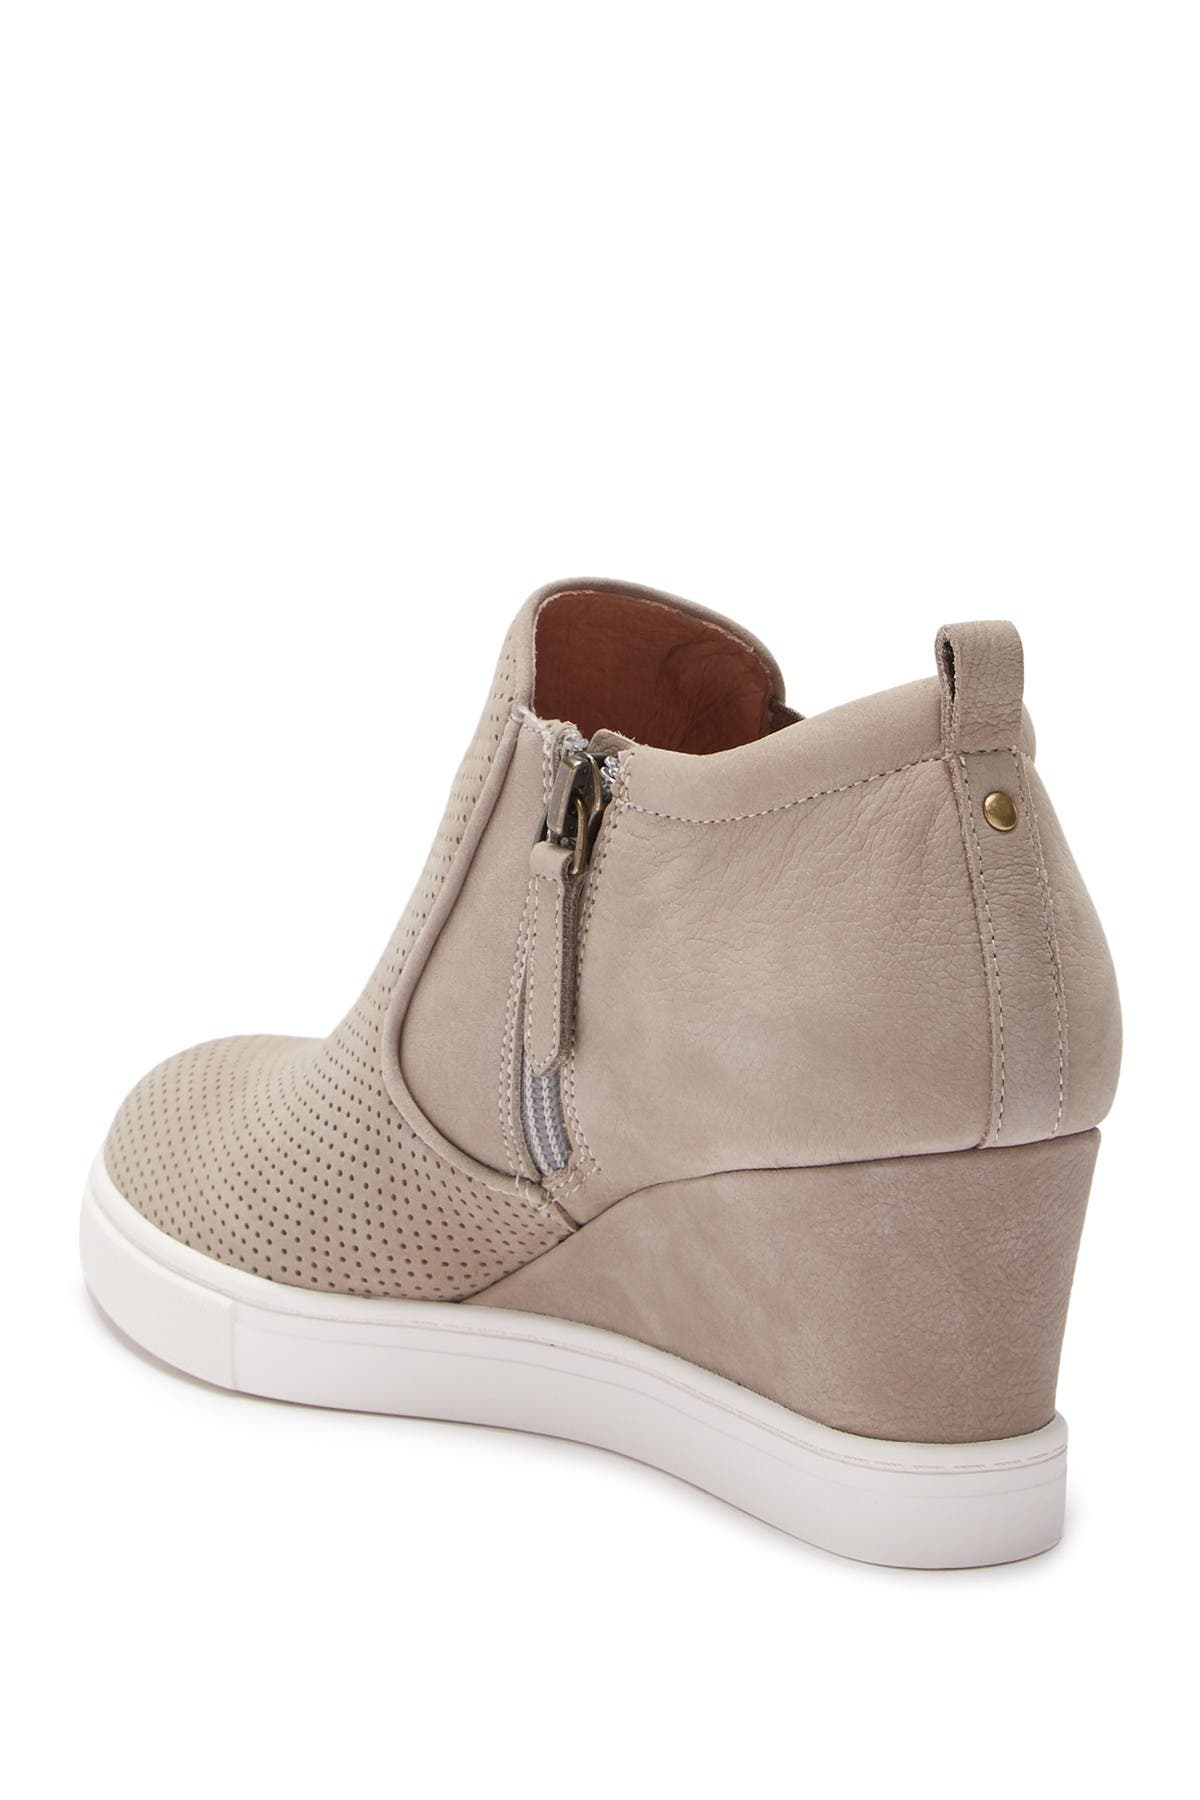 Caslon   Aiden Wedge Sneaker   HauteLook